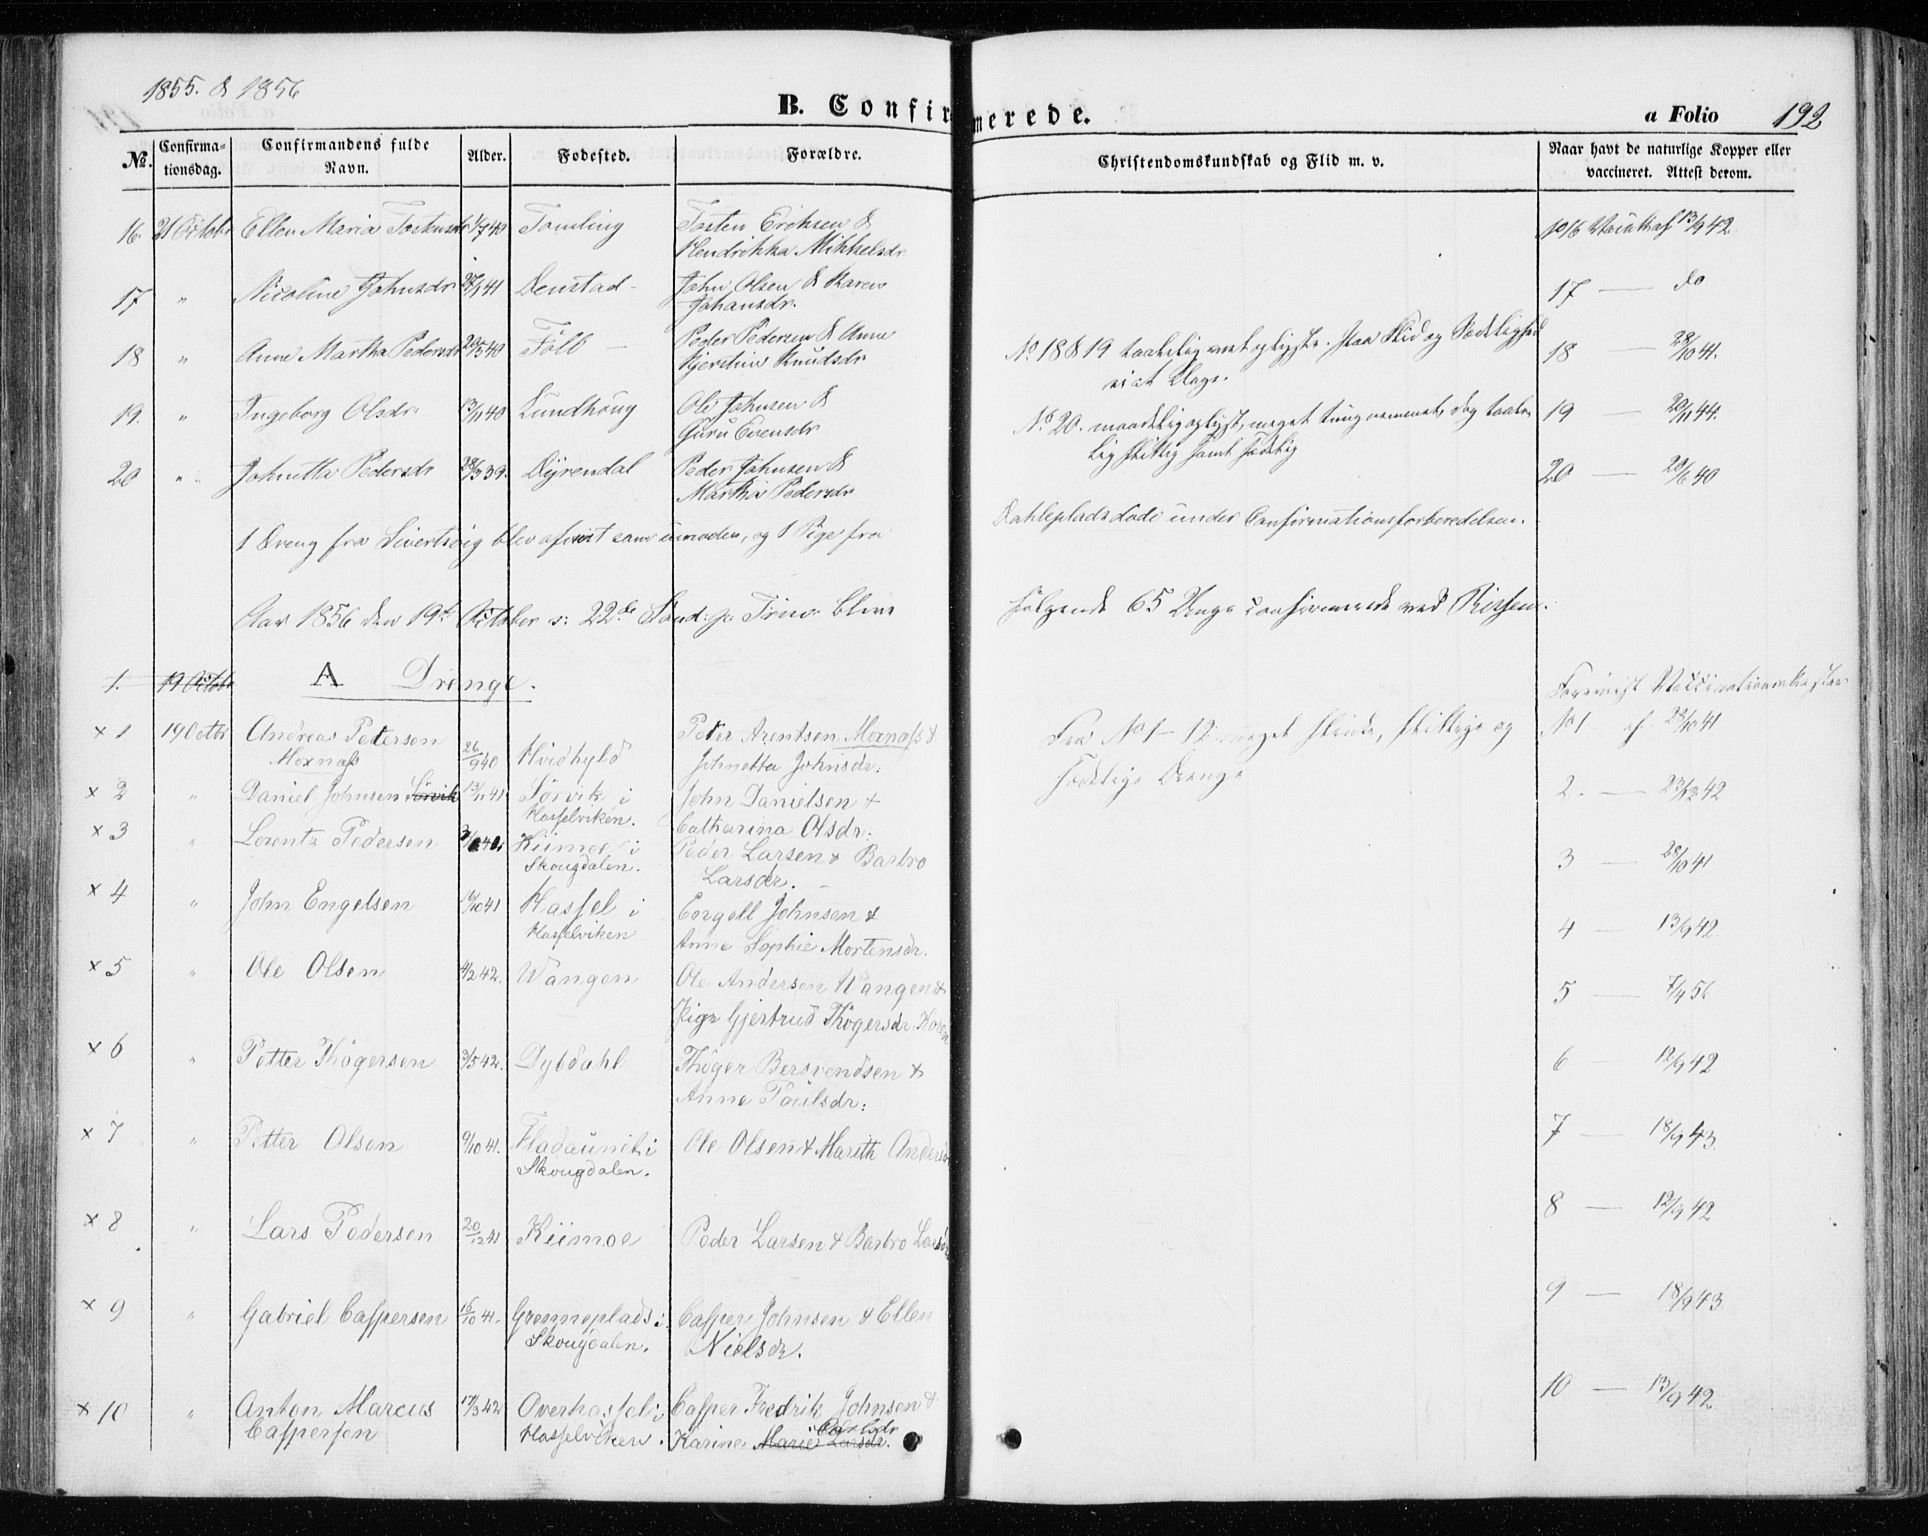 SAT, Ministerialprotokoller, klokkerbøker og fødselsregistre - Sør-Trøndelag, 646/L0611: Ministerialbok nr. 646A09, 1848-1857, s. 192